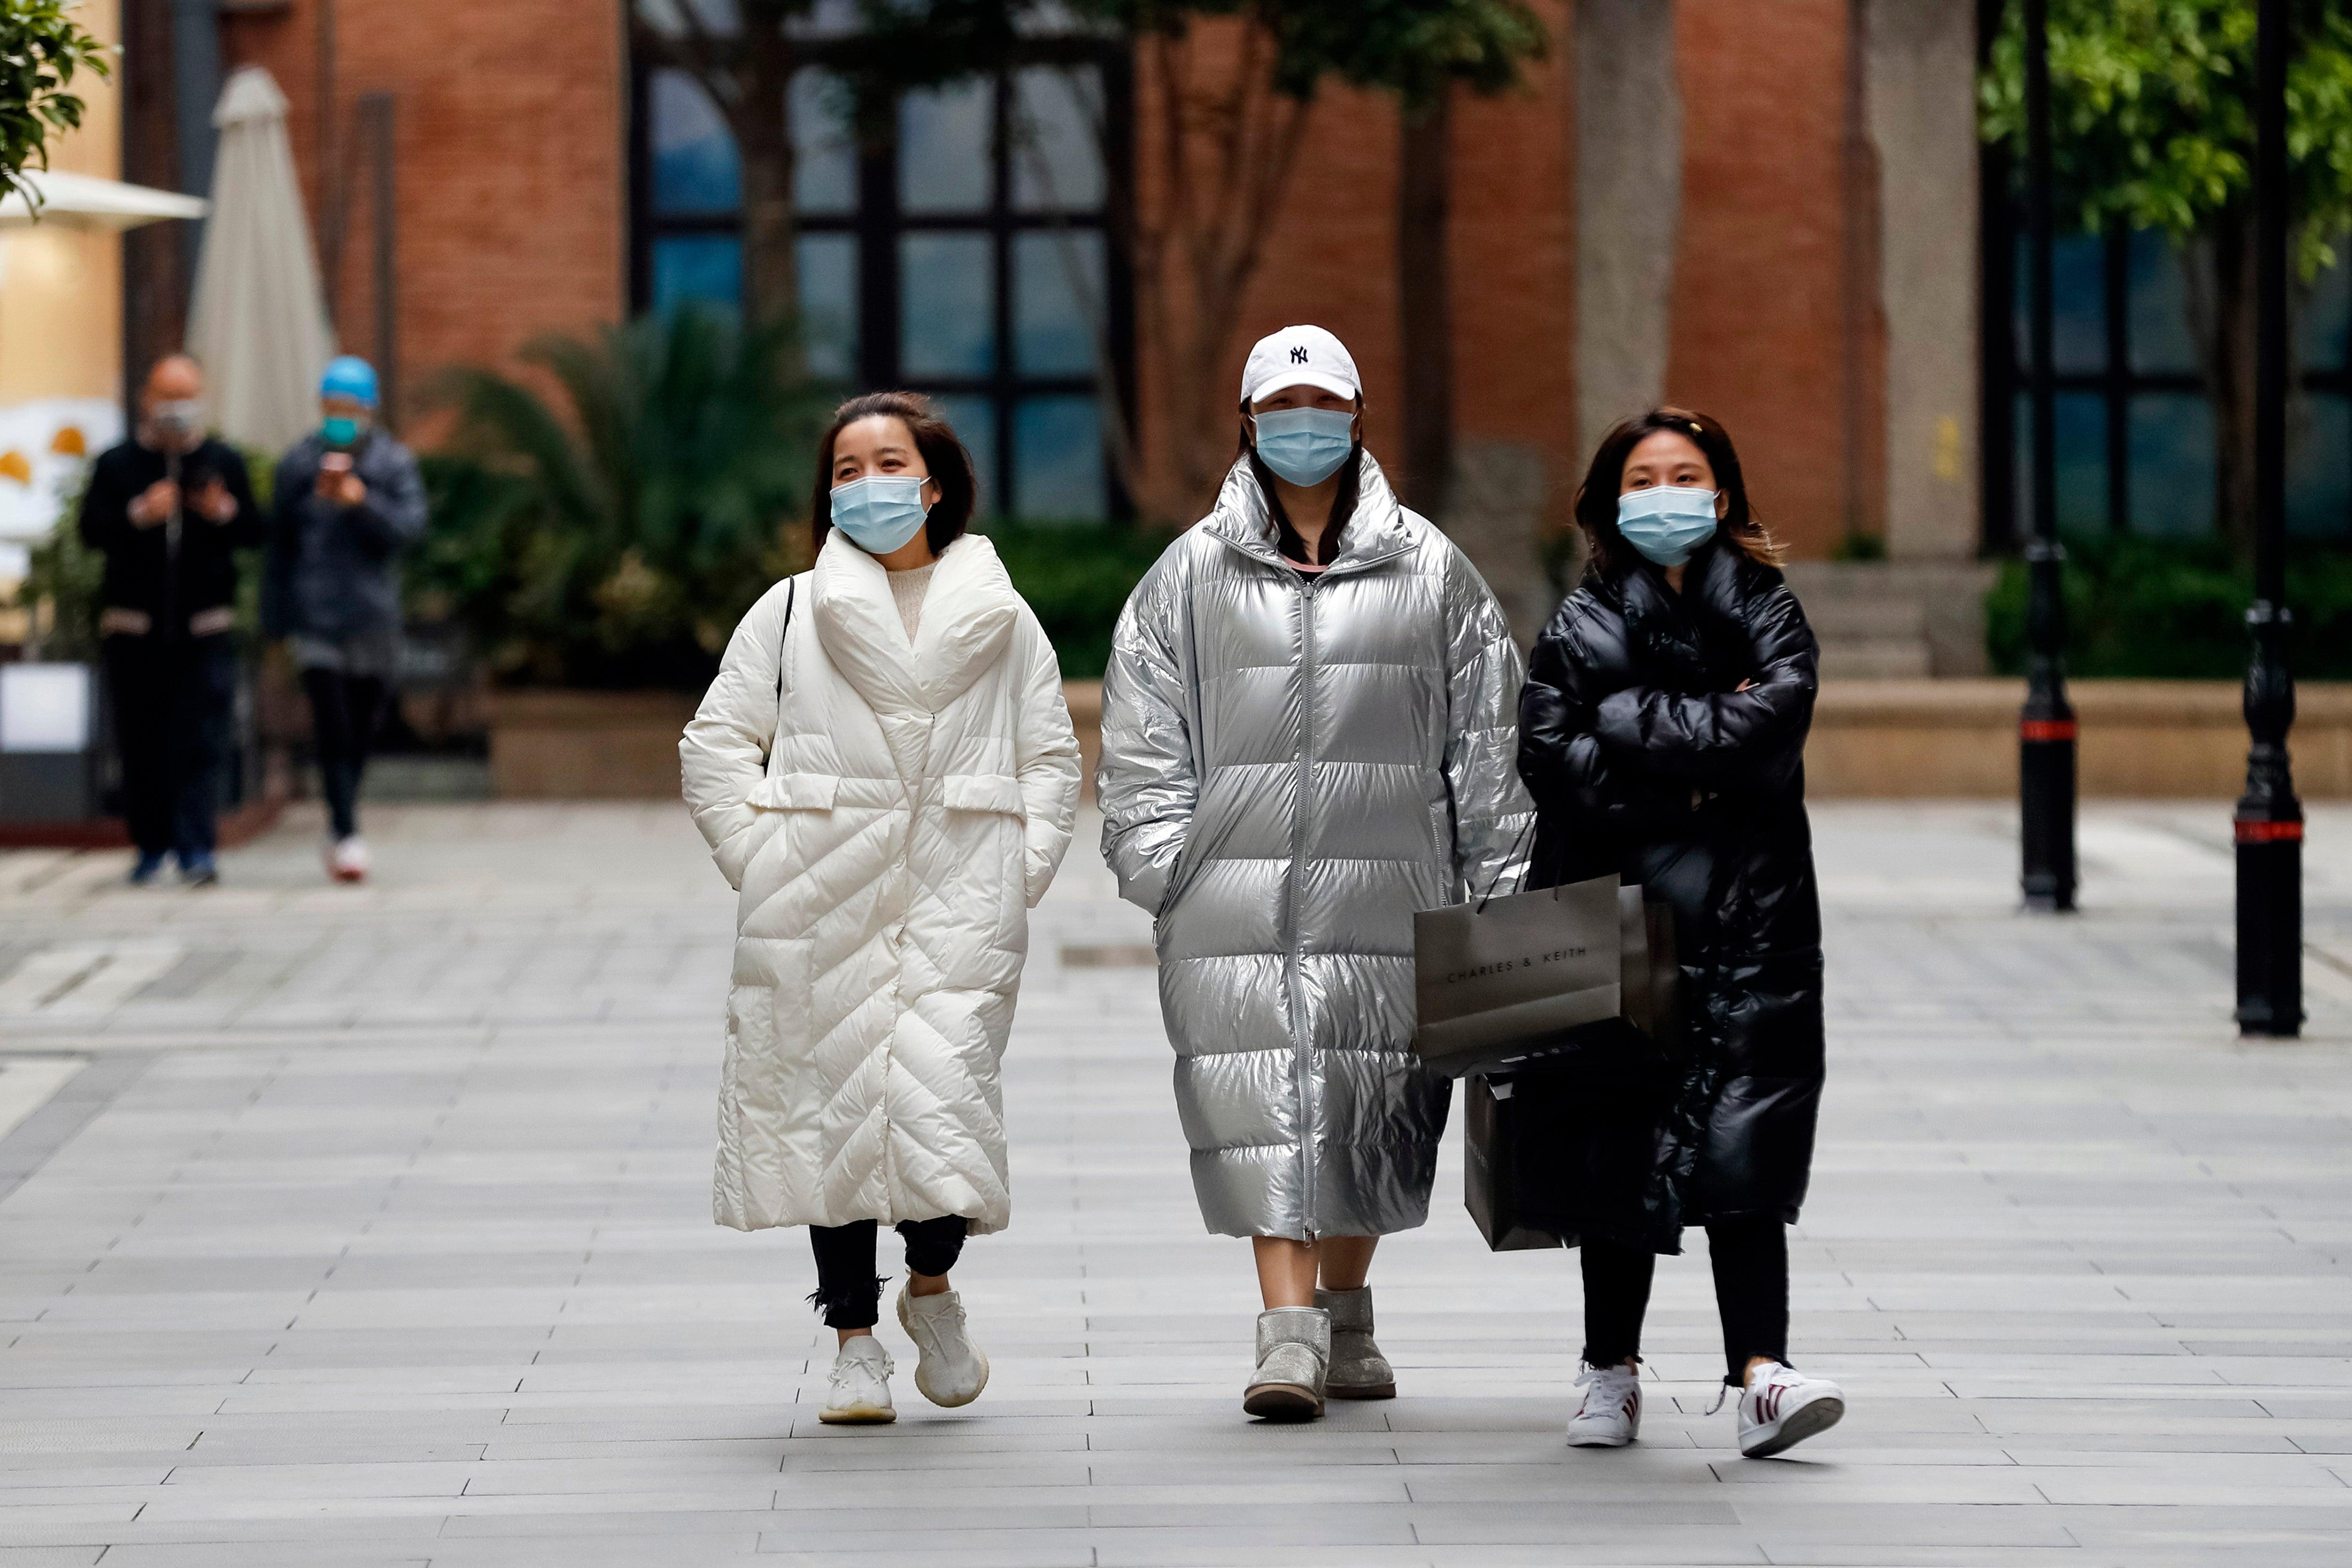 US-Spione Probleme der Beurteilung coronavirus verbreitet in China, Russland: Bericht